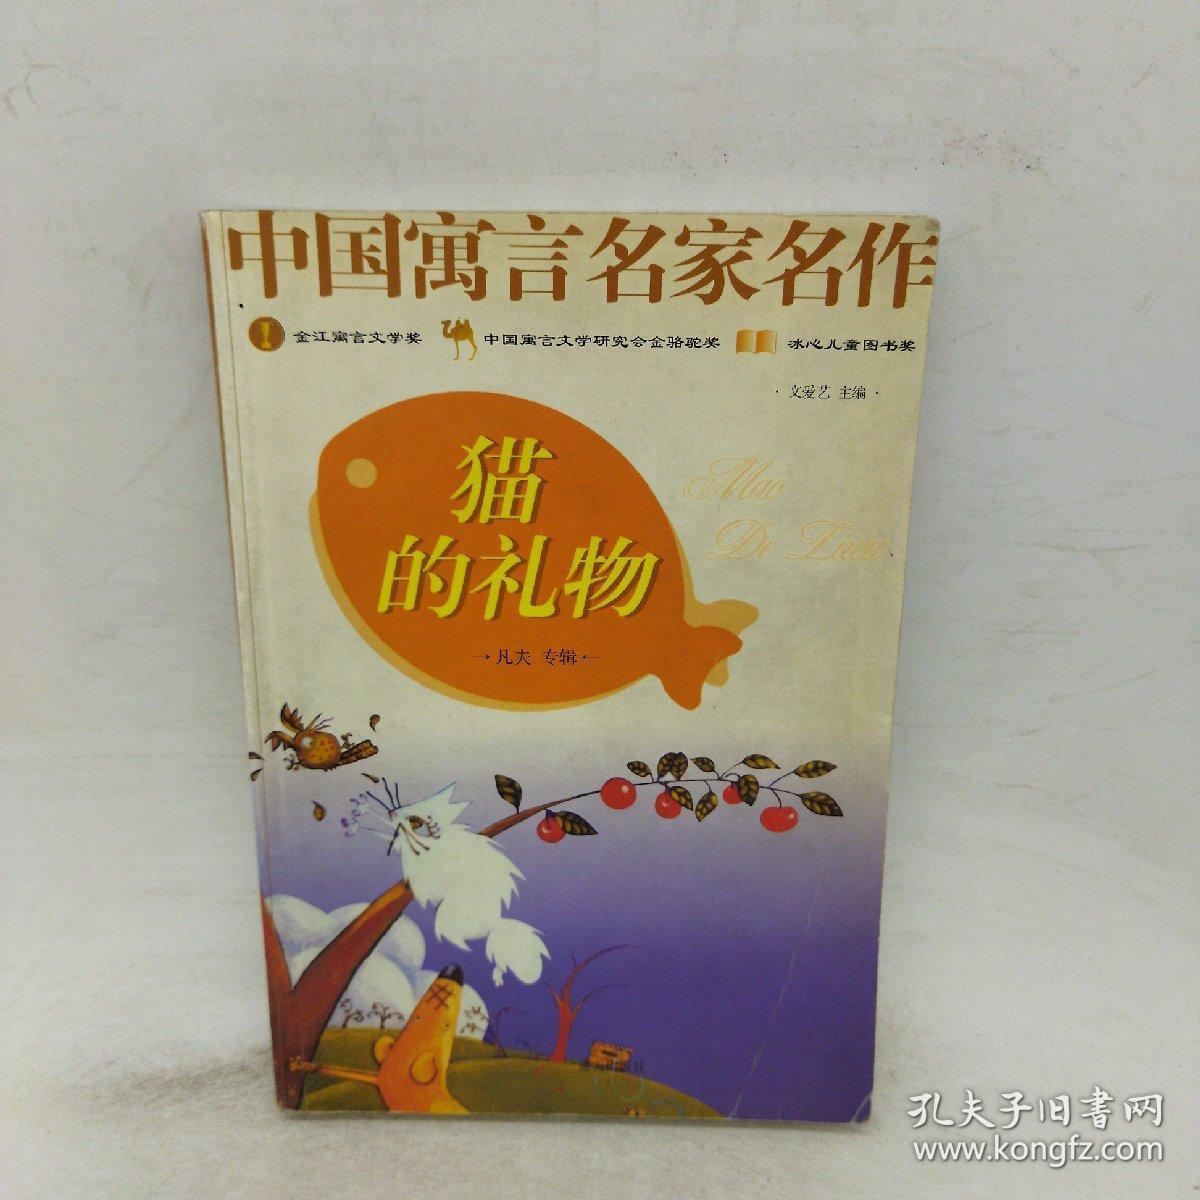 中国寓言名家名作——猫的礼物